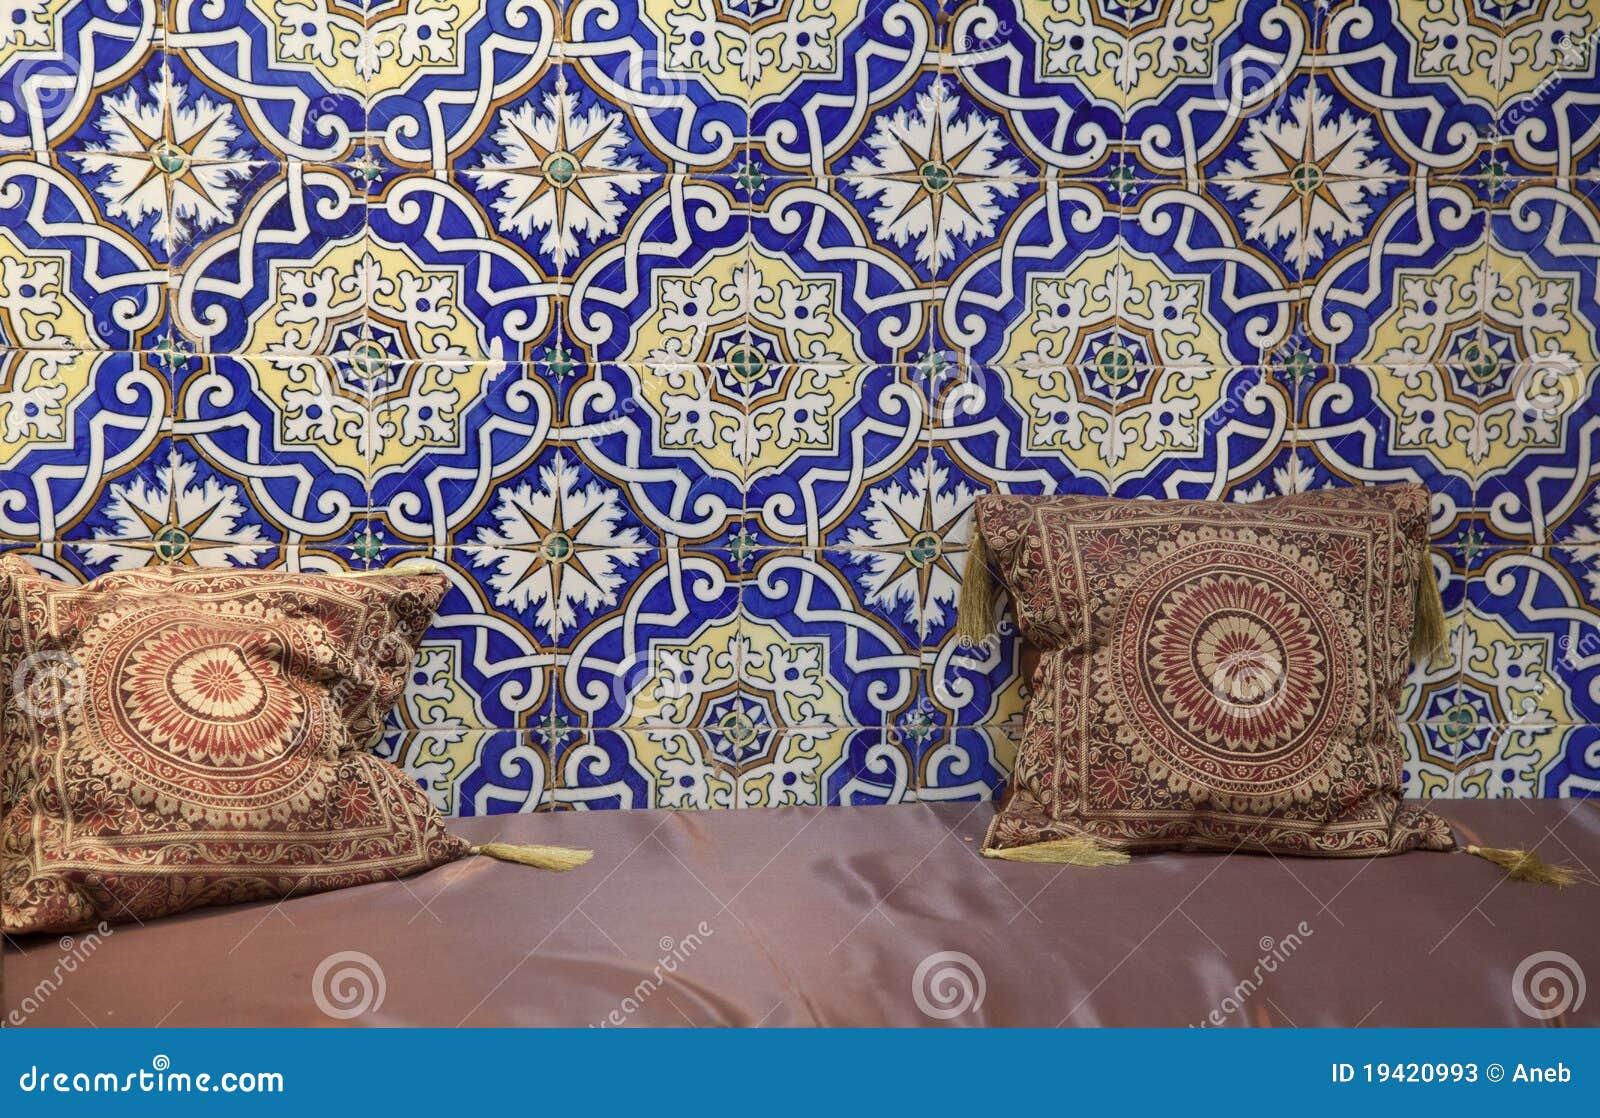 marokkanische wohnzimmer | jtleigh.com - hausgestaltung ideen - Moderne Marokkanische Wohnzimmer